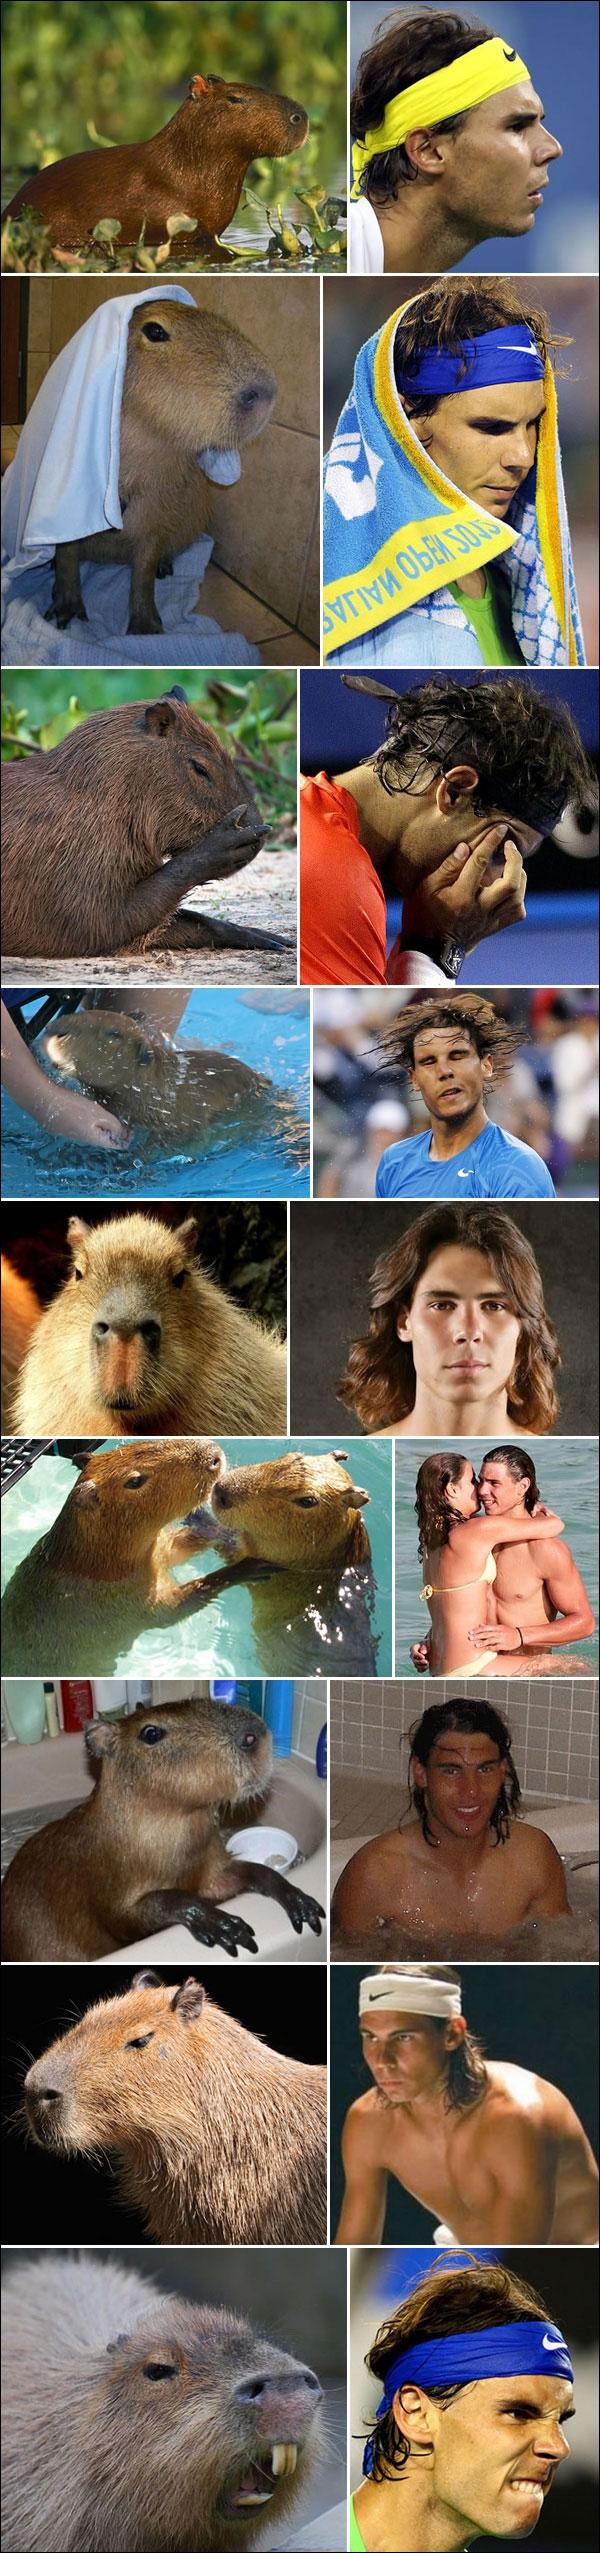 photos droles vrai Rafael Nadal castor joueur tennis 2e mondial ATP tete castor